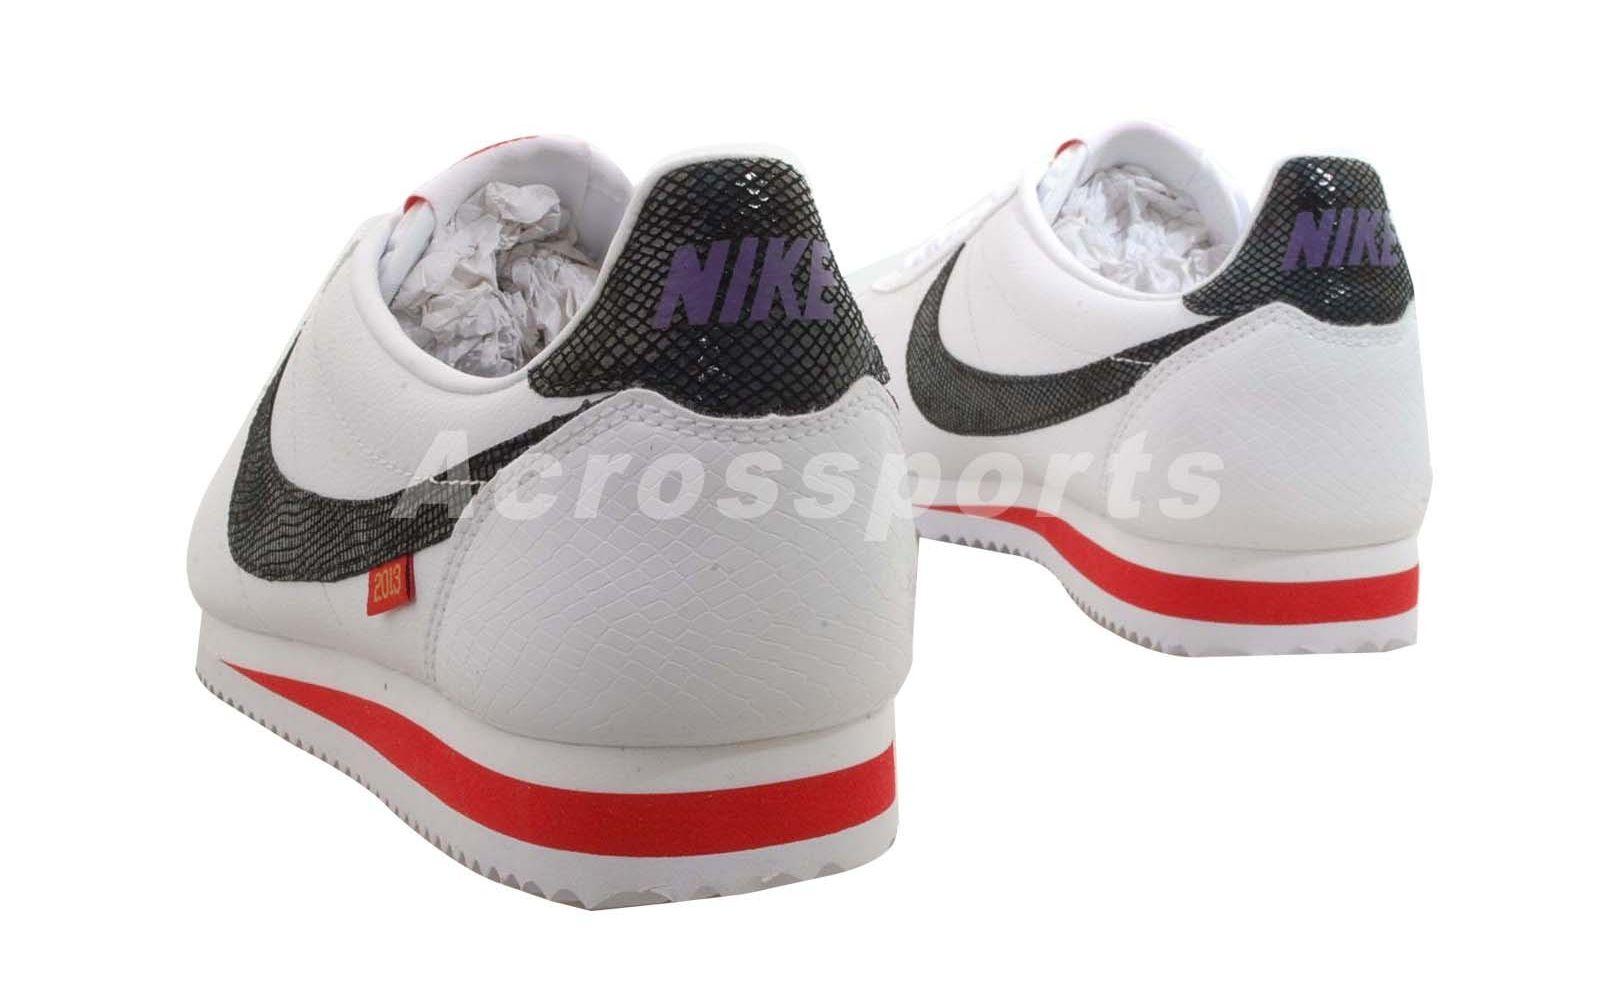 Nike Année Cortez Des Traits De Serpent 8yjJp6Y